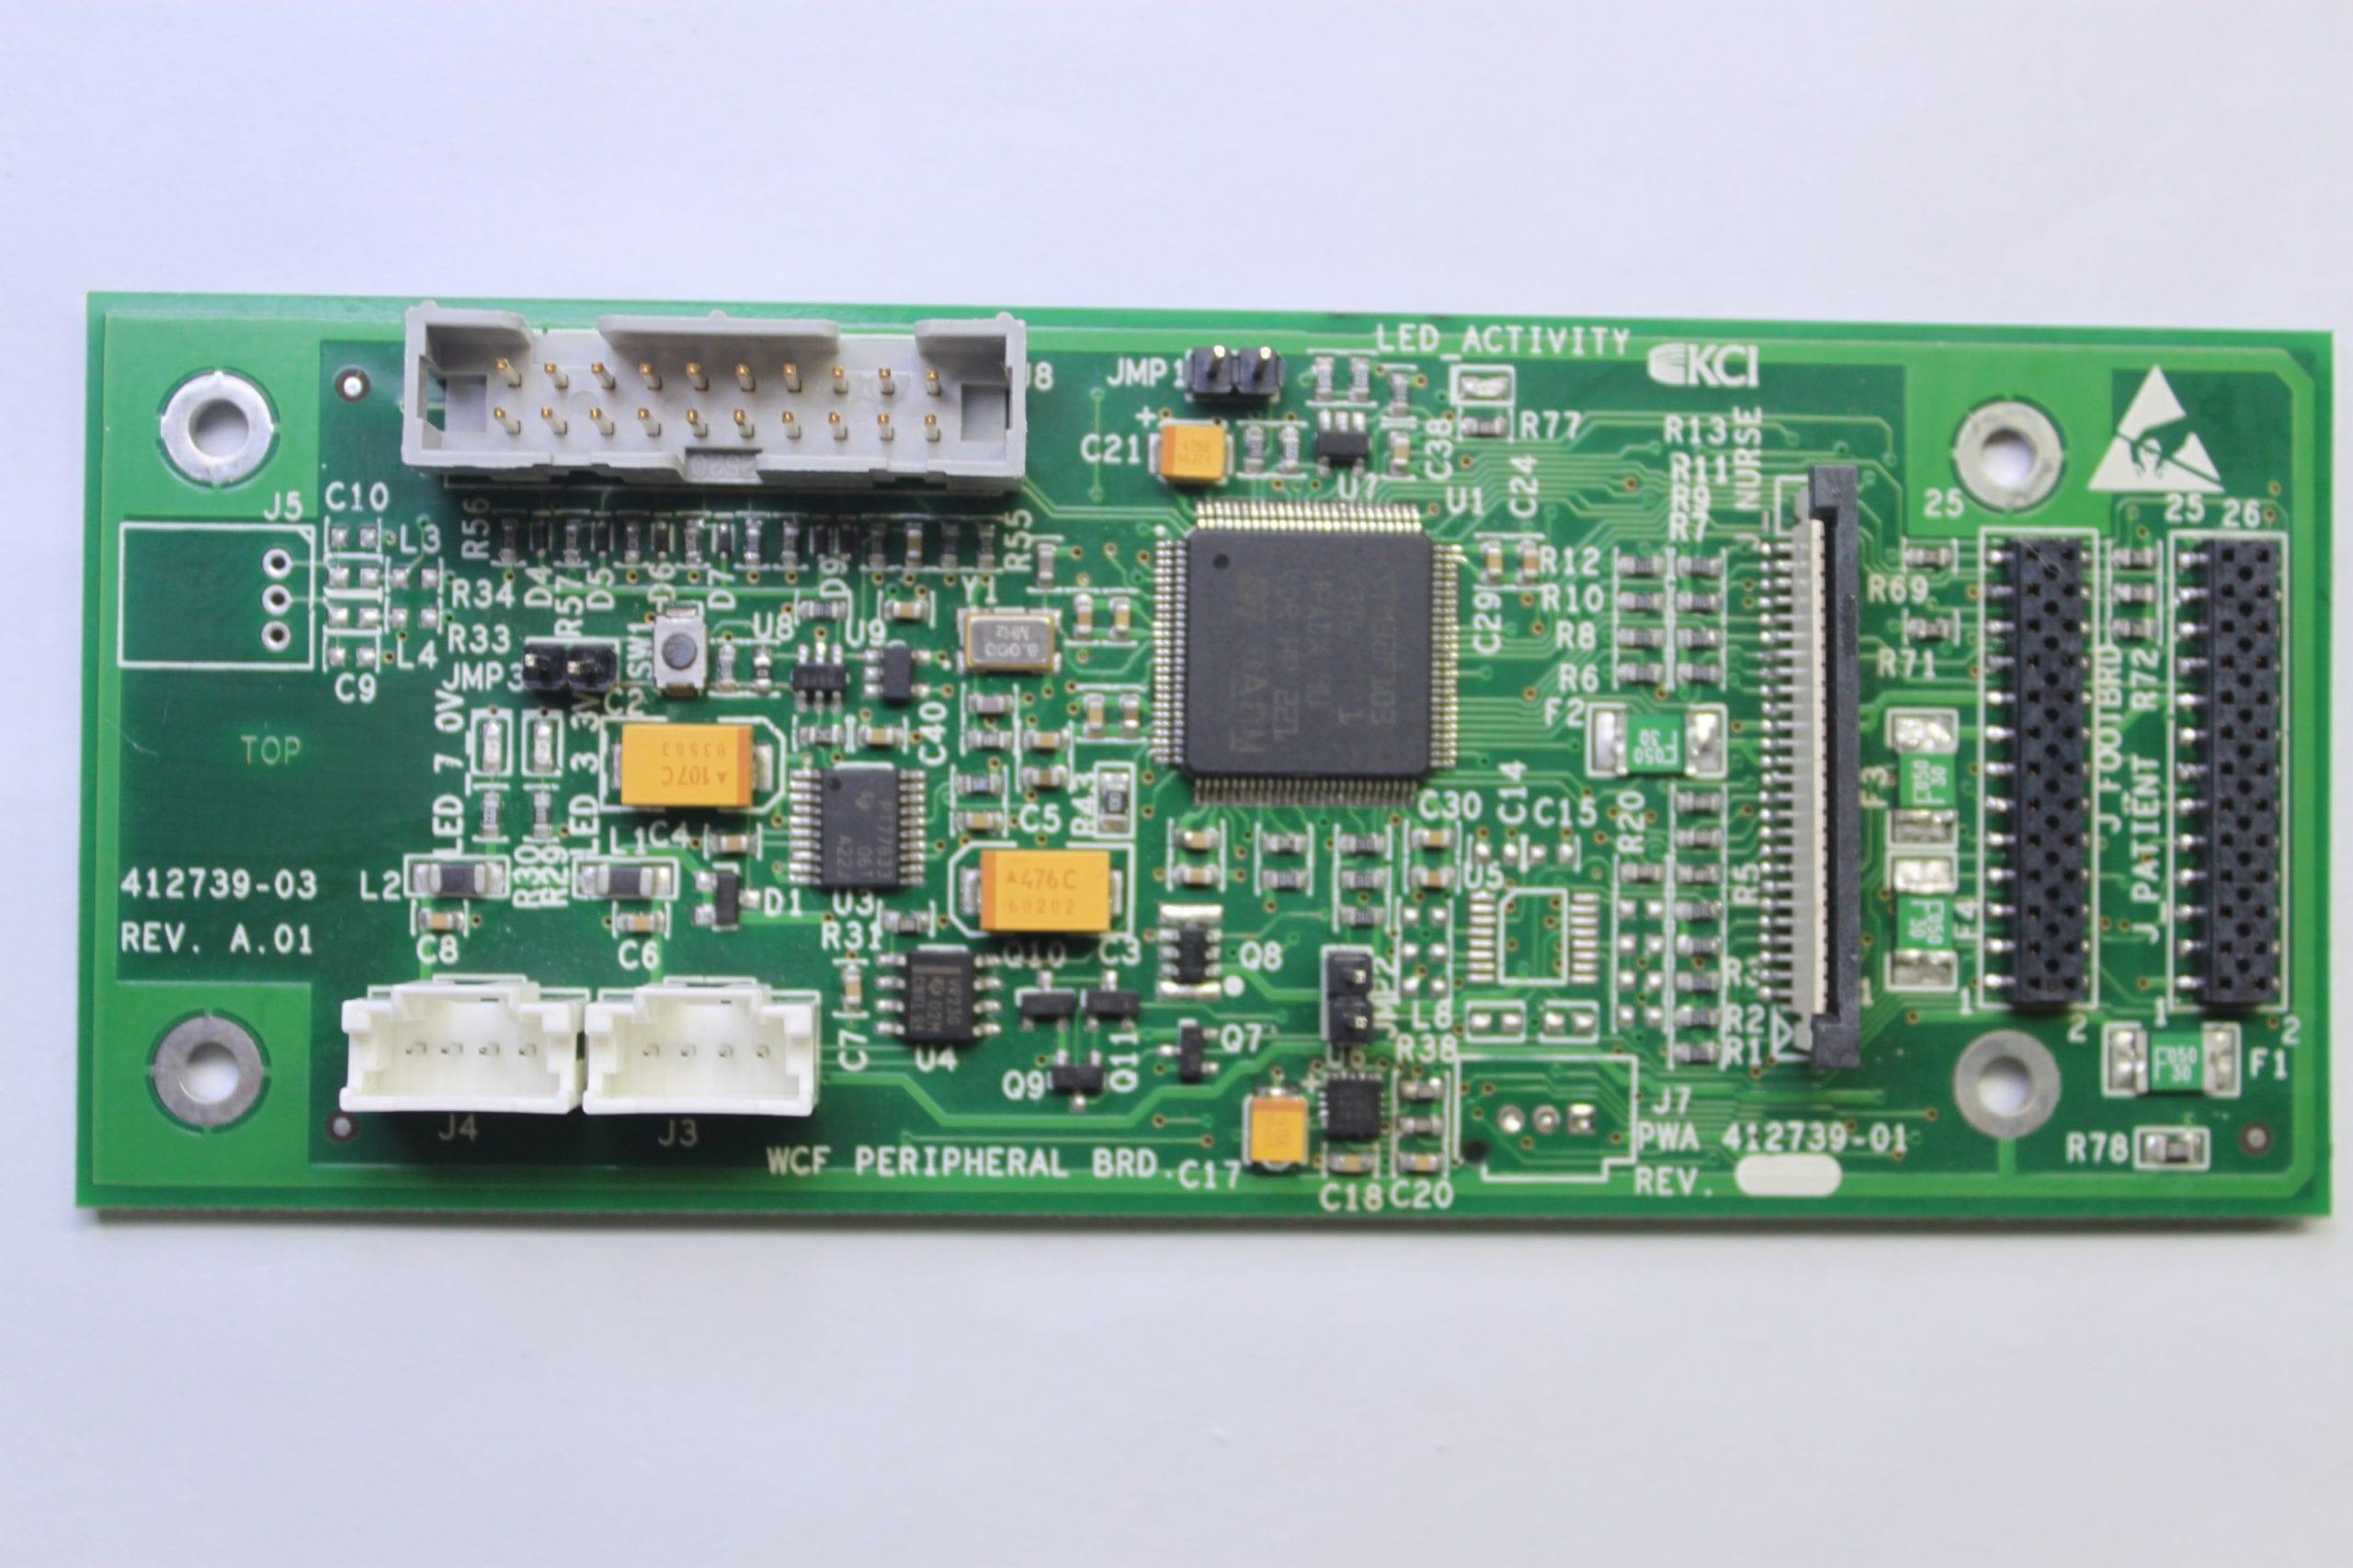 Winstronics PCBA 412739 A02